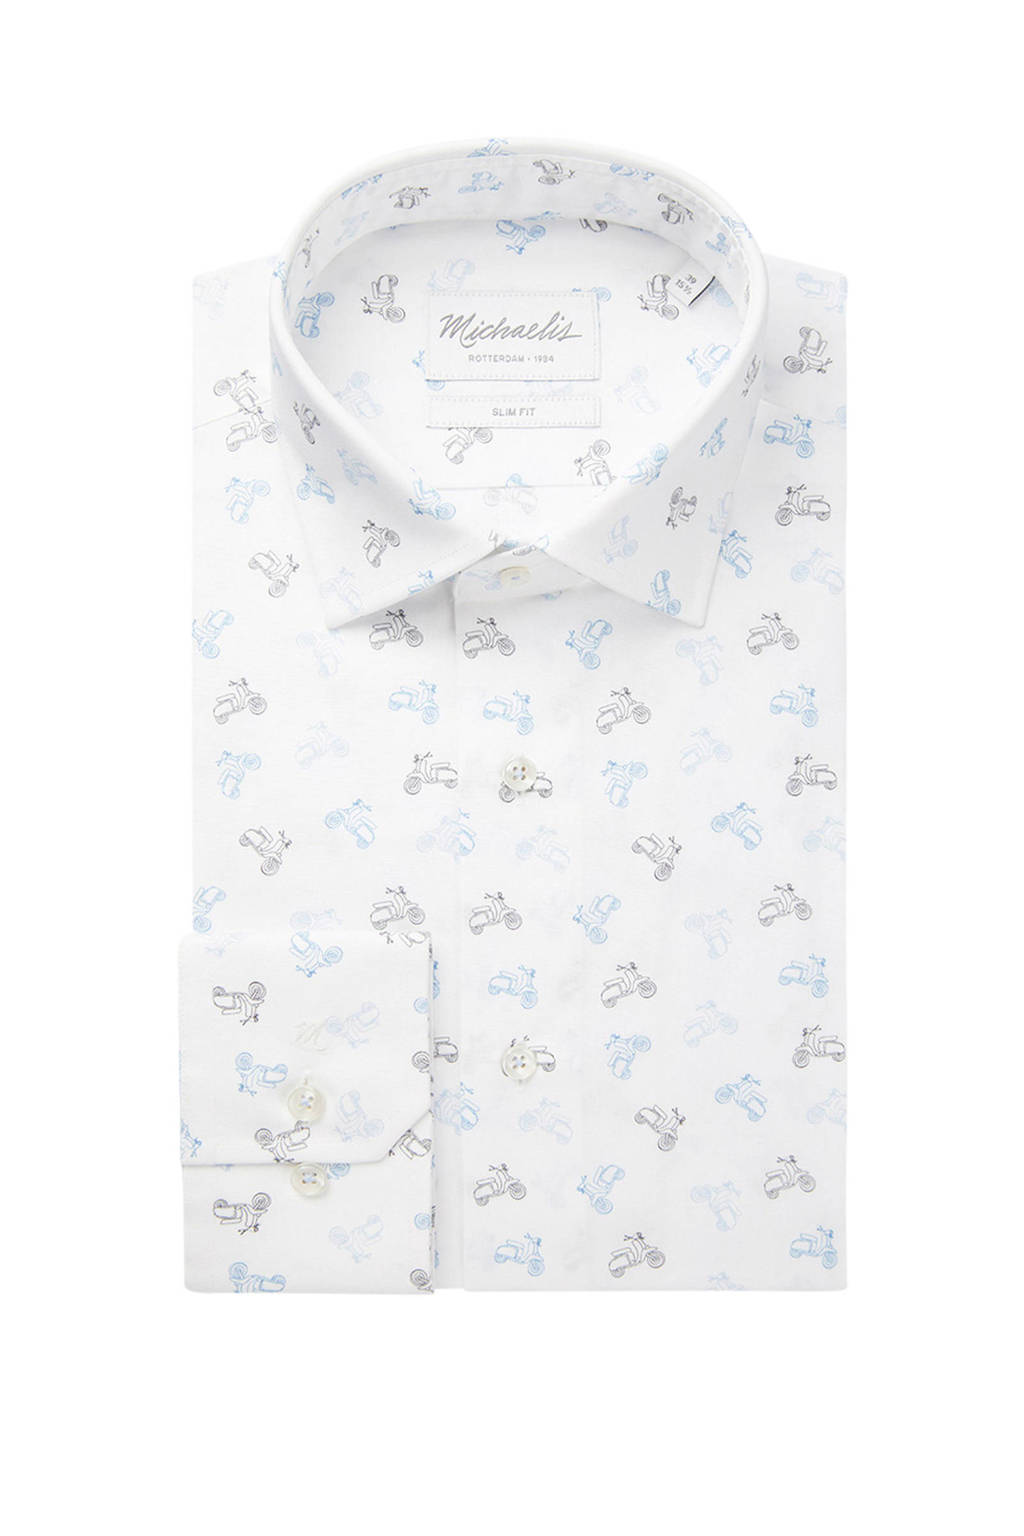 Michaelis slim fit overhemd met all over print wit/lichtblauw, Wit/lichtblauw